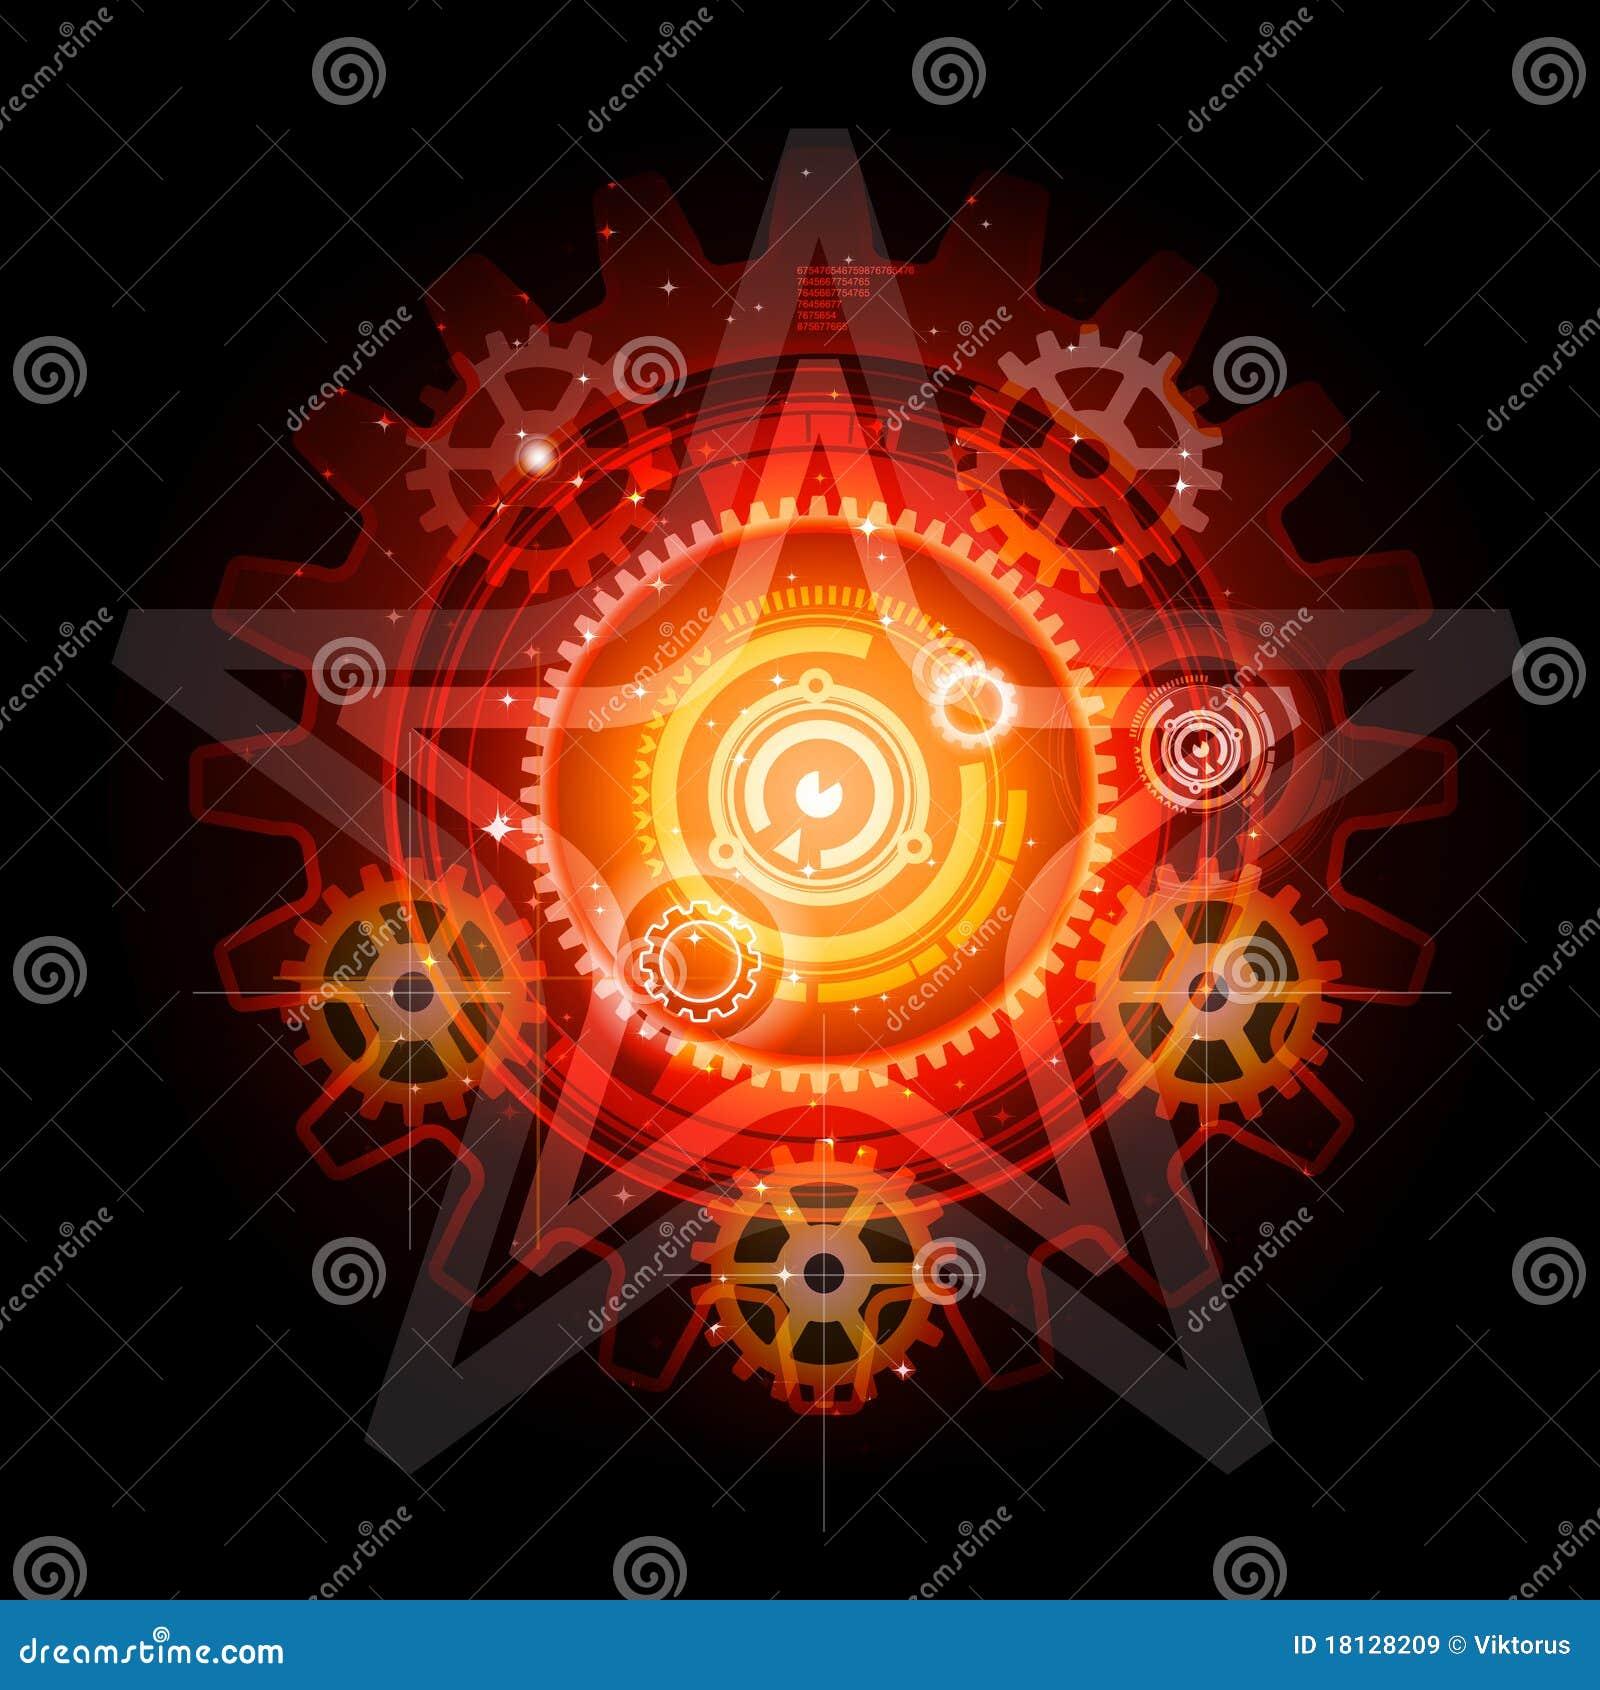 Glowing Techno Gears pentagram